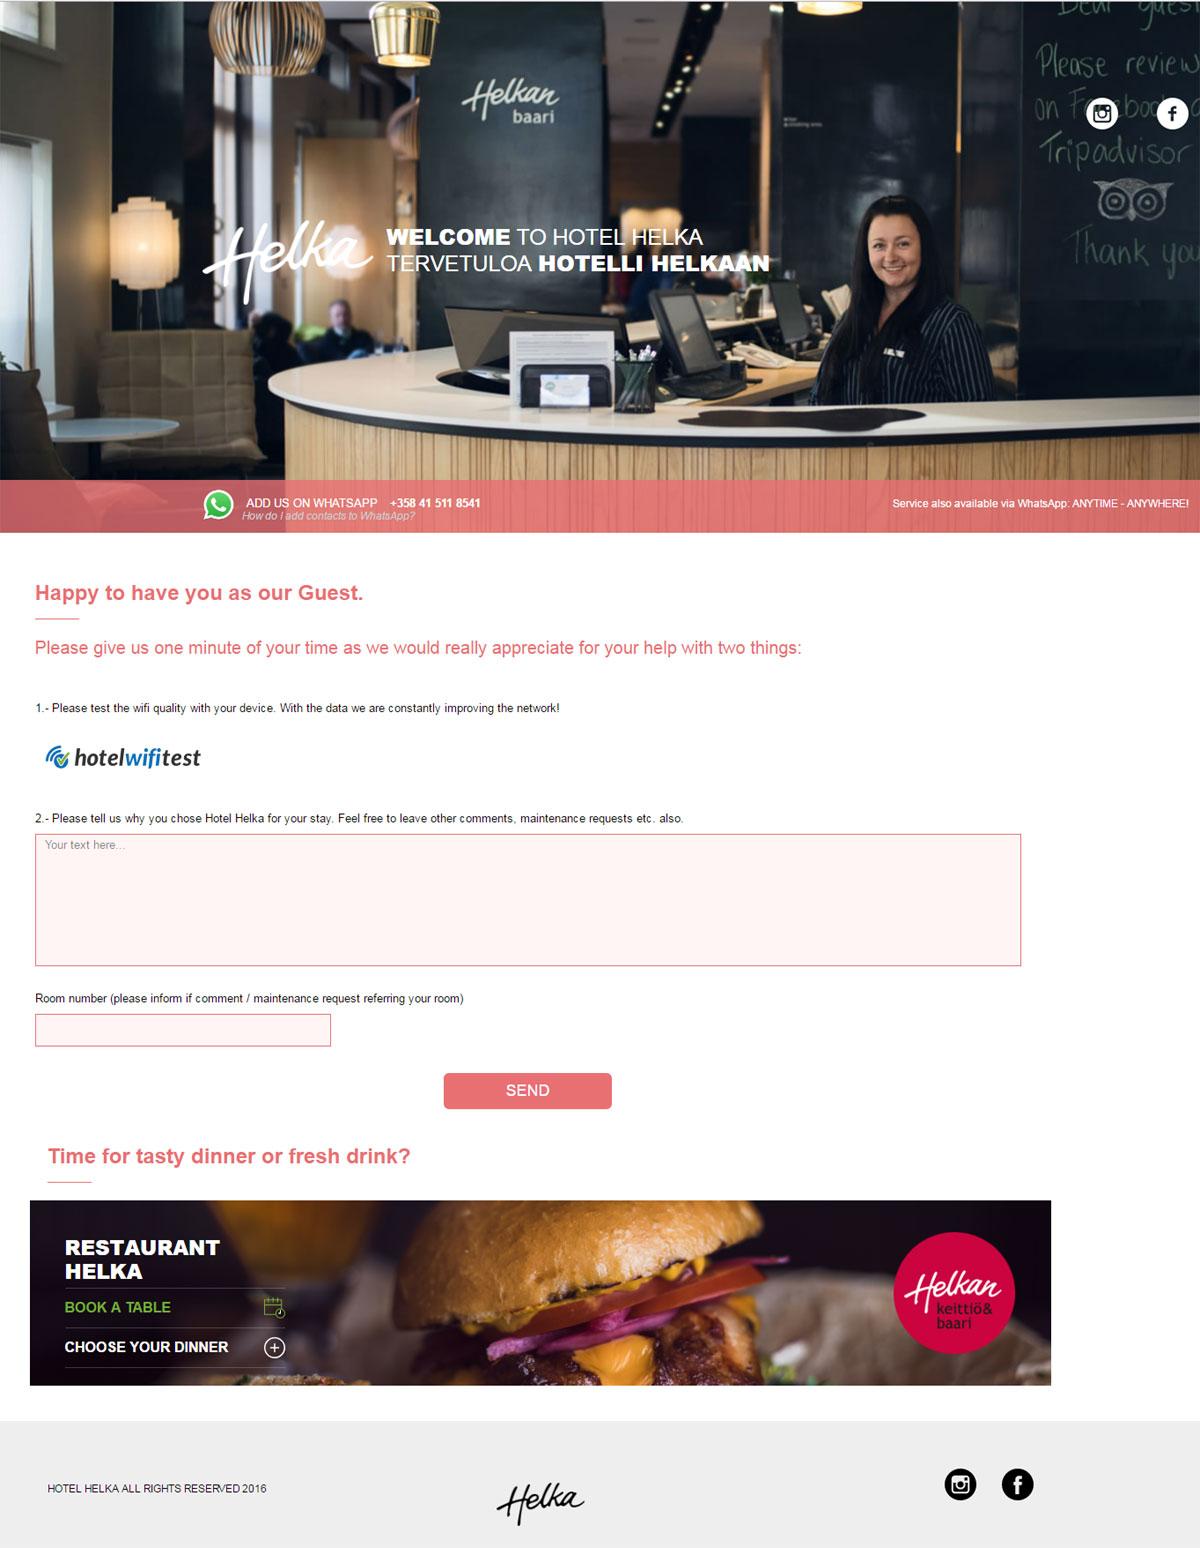 Hotel Helka - Ekran powitalny WiFi